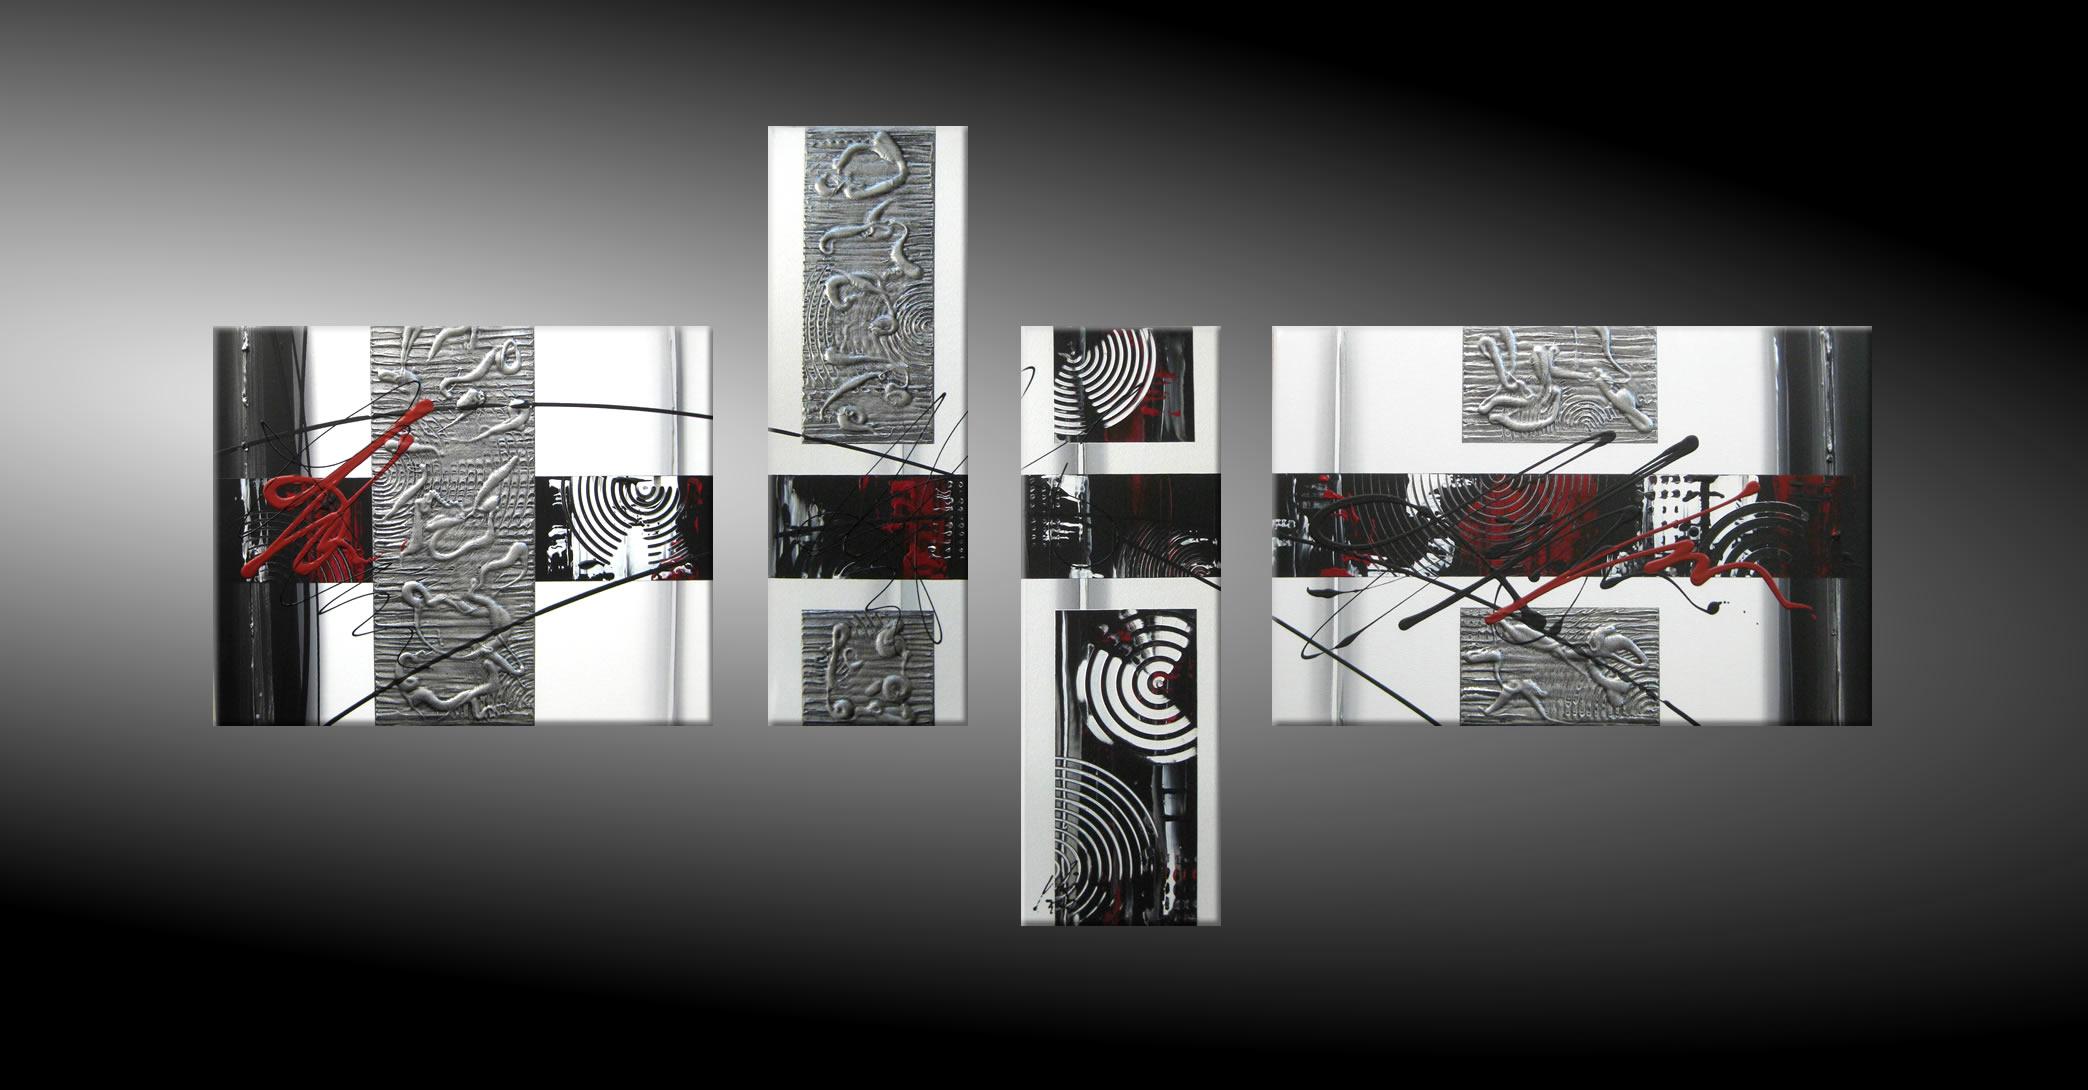 atelier mico bilder gem lde kunst abstrakt original zeitgen ssische malerei ebay. Black Bedroom Furniture Sets. Home Design Ideas